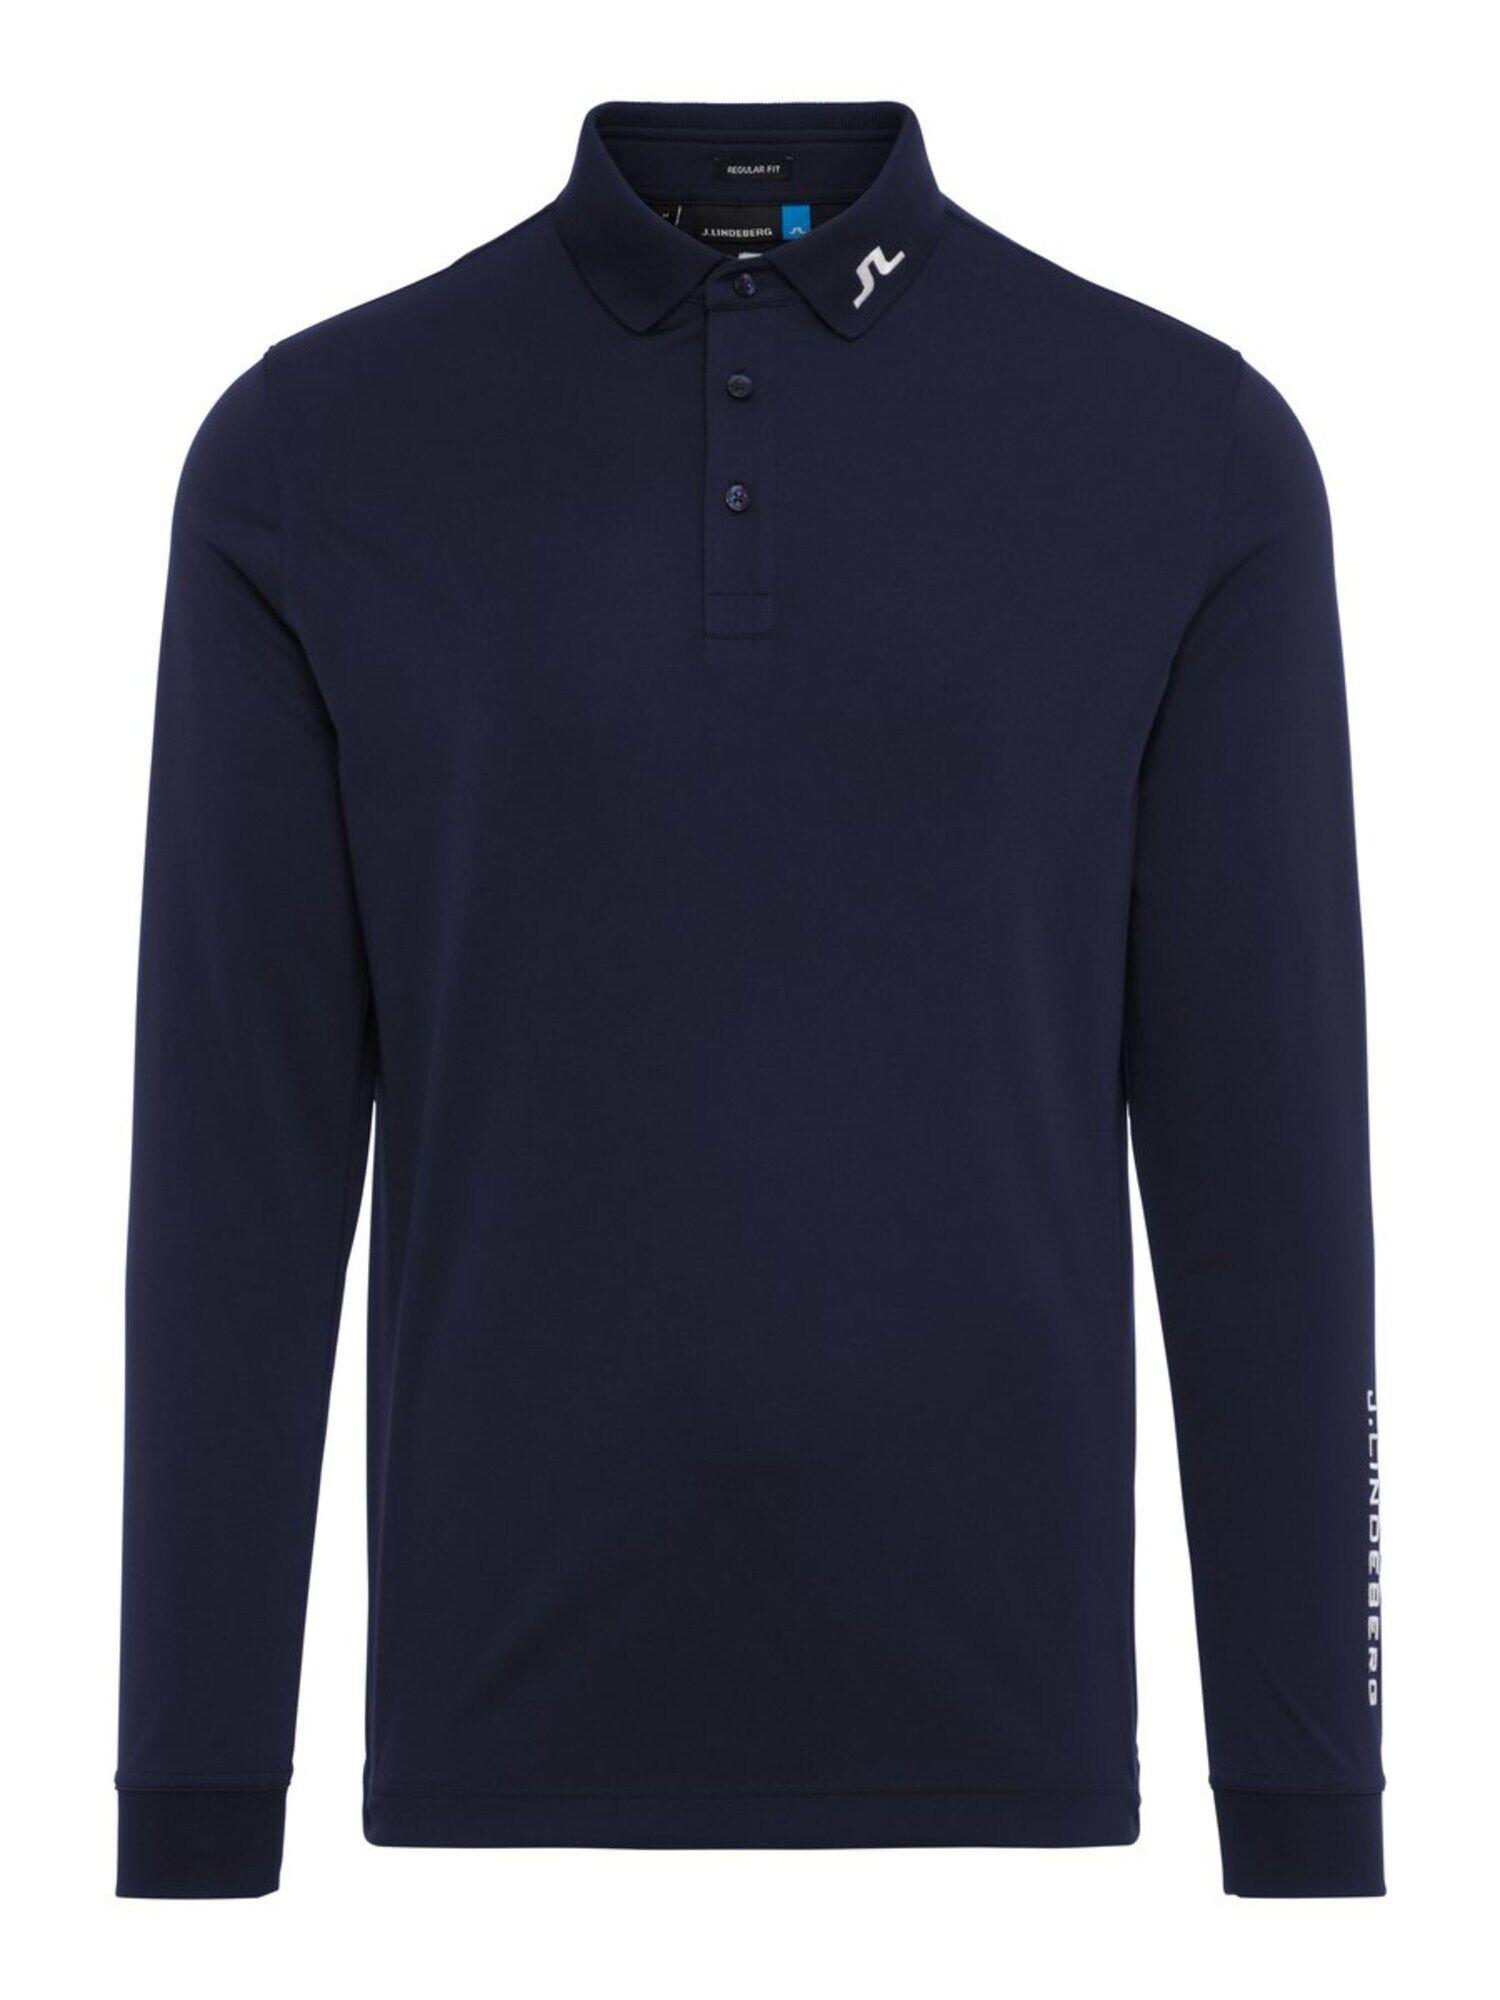 J.Lindeberg T-Shirt fonctionnel 'M Tour Tech LS reg TX Jersey'  - Bleu - Taille: S - male